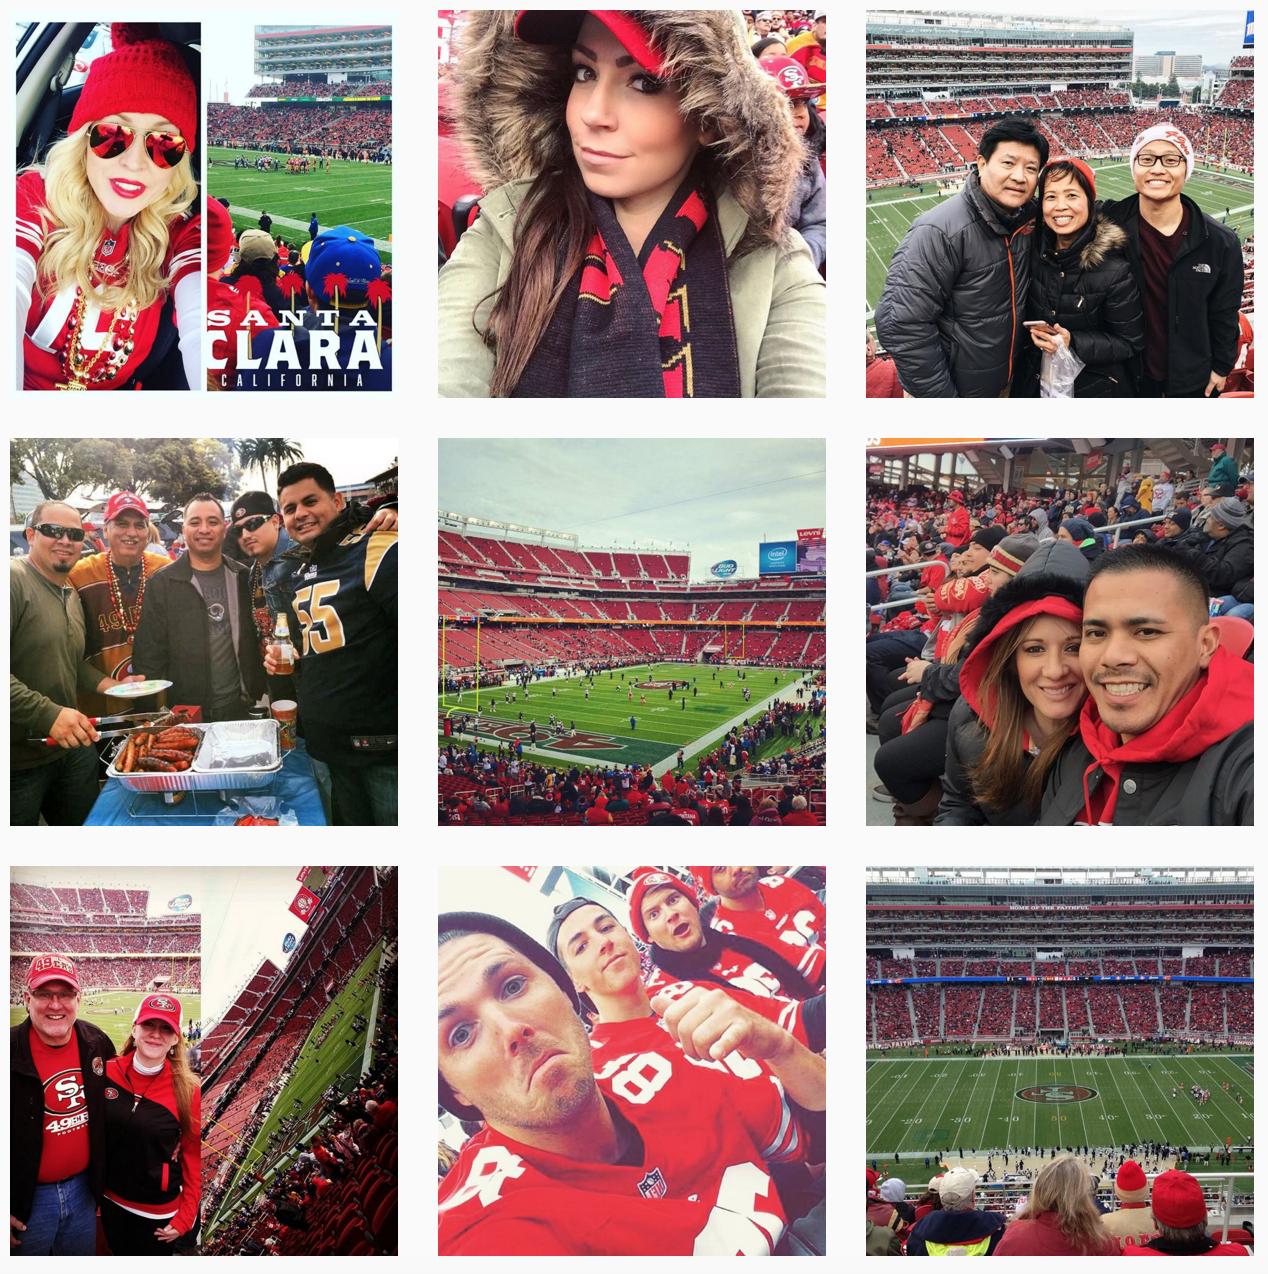 Zrzut ekranu z hashtaga #levisstadium na Instagramie - zdjęcia fanów z meczu, na którym byłam.